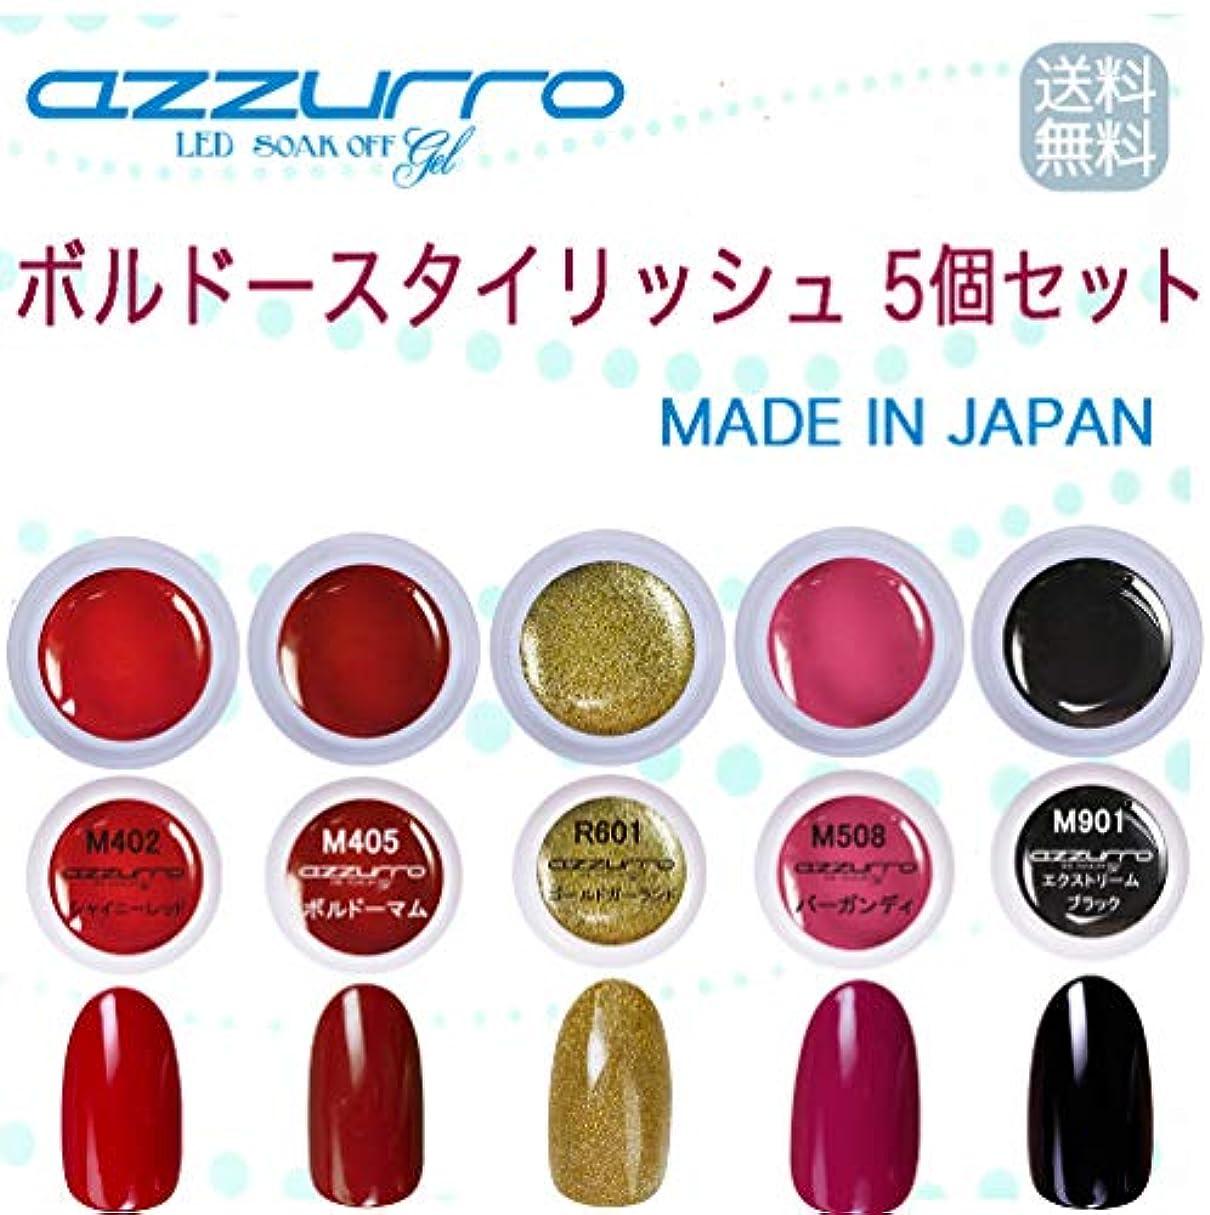 列車援助するフローティング【送料無料】日本製 azzurro gel ボルドースタイリッシュカラージェル5個セット ネイルアートのマストカラーボルドーとブラックをセット